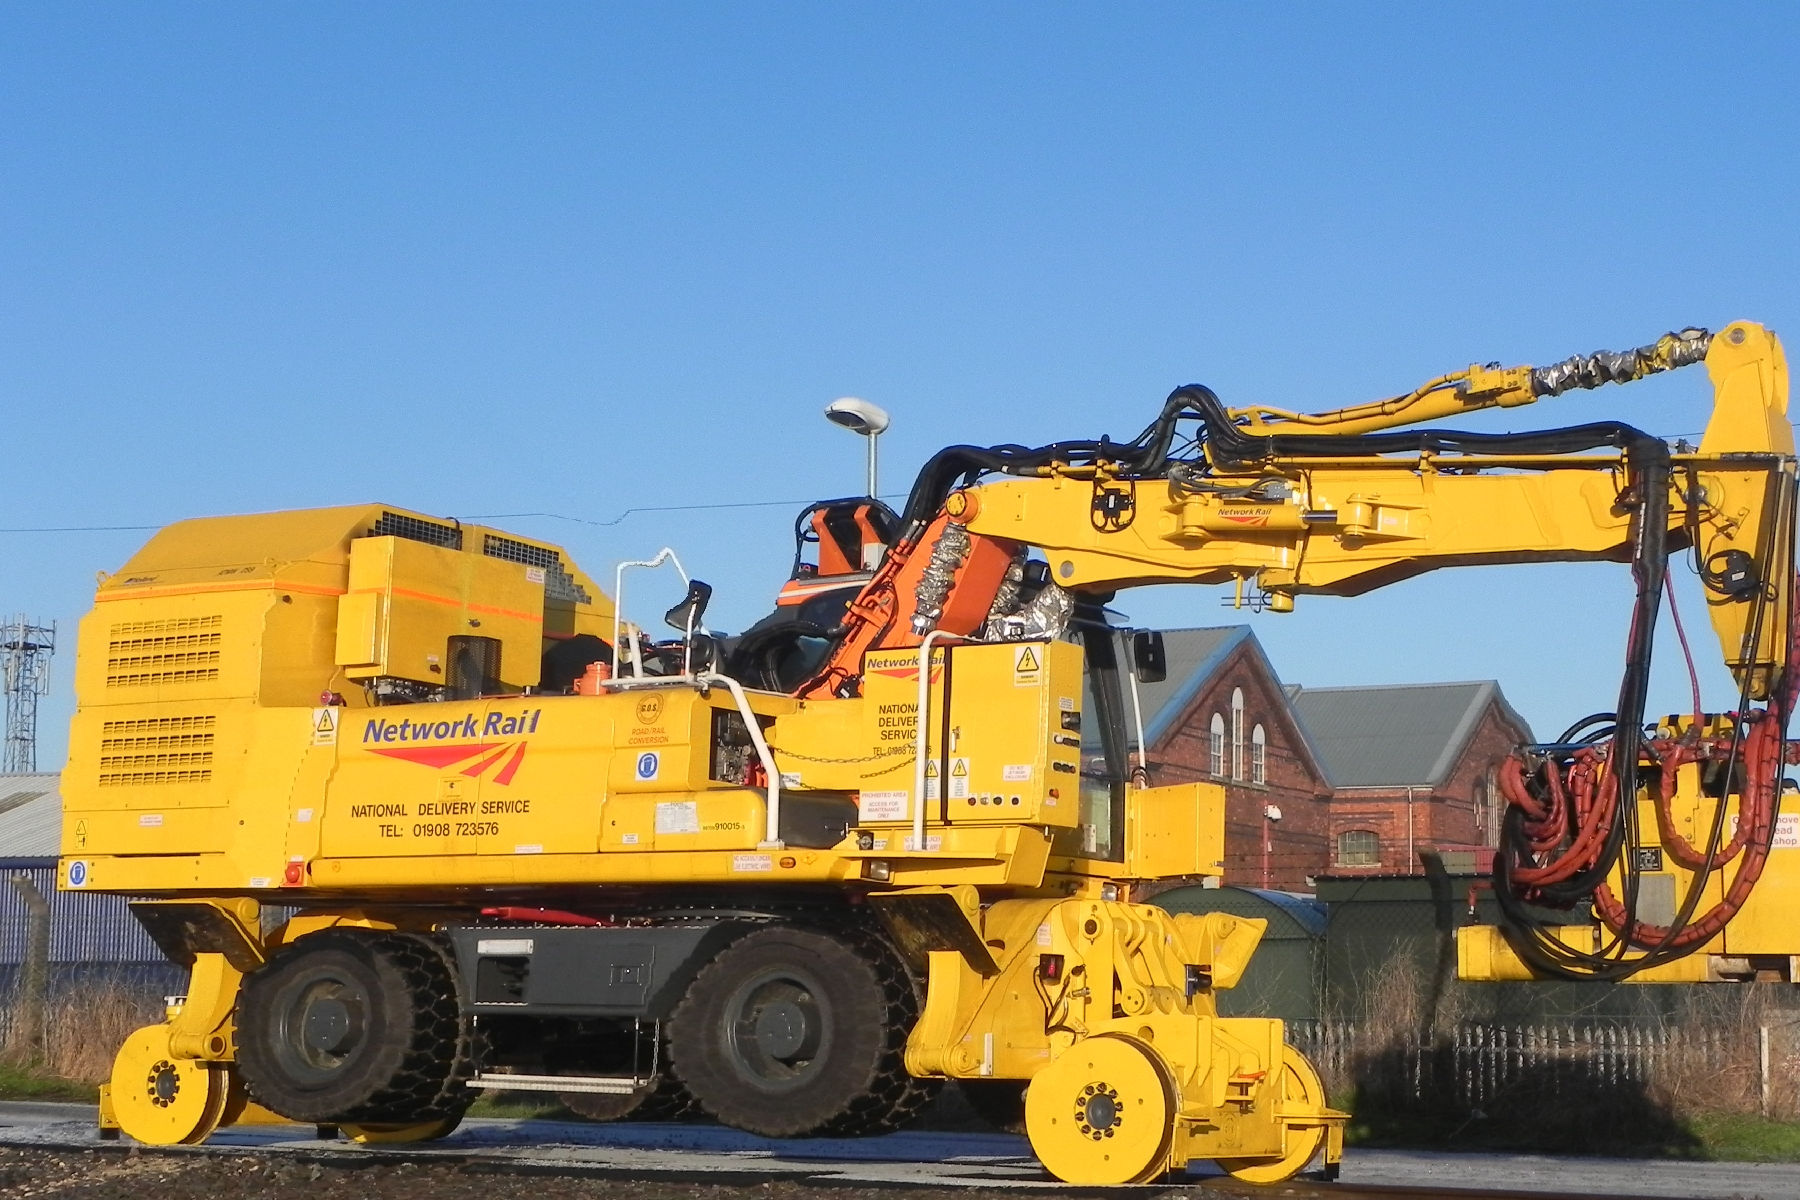 Doosan DX160/170 Series excavator